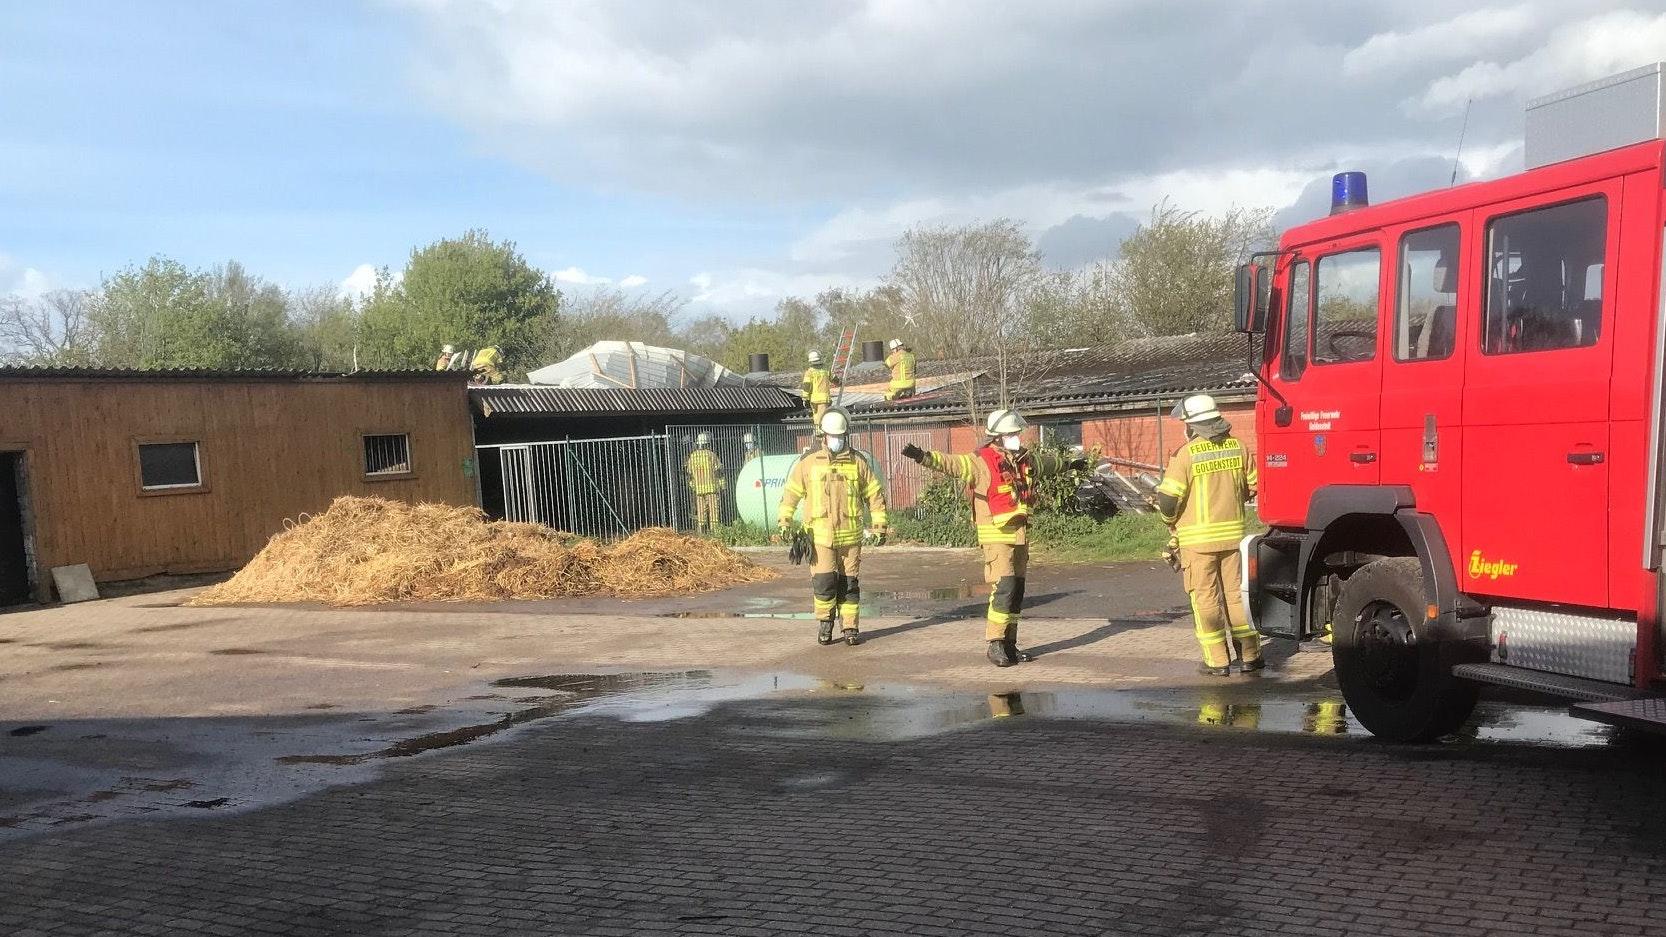 Feuerwehreinsatz: Ein großes Stück des Wellblechdachs ist auf den Nachbarstall geweht. Die Feuerwehr musste eingreifen. Foto: Prinz